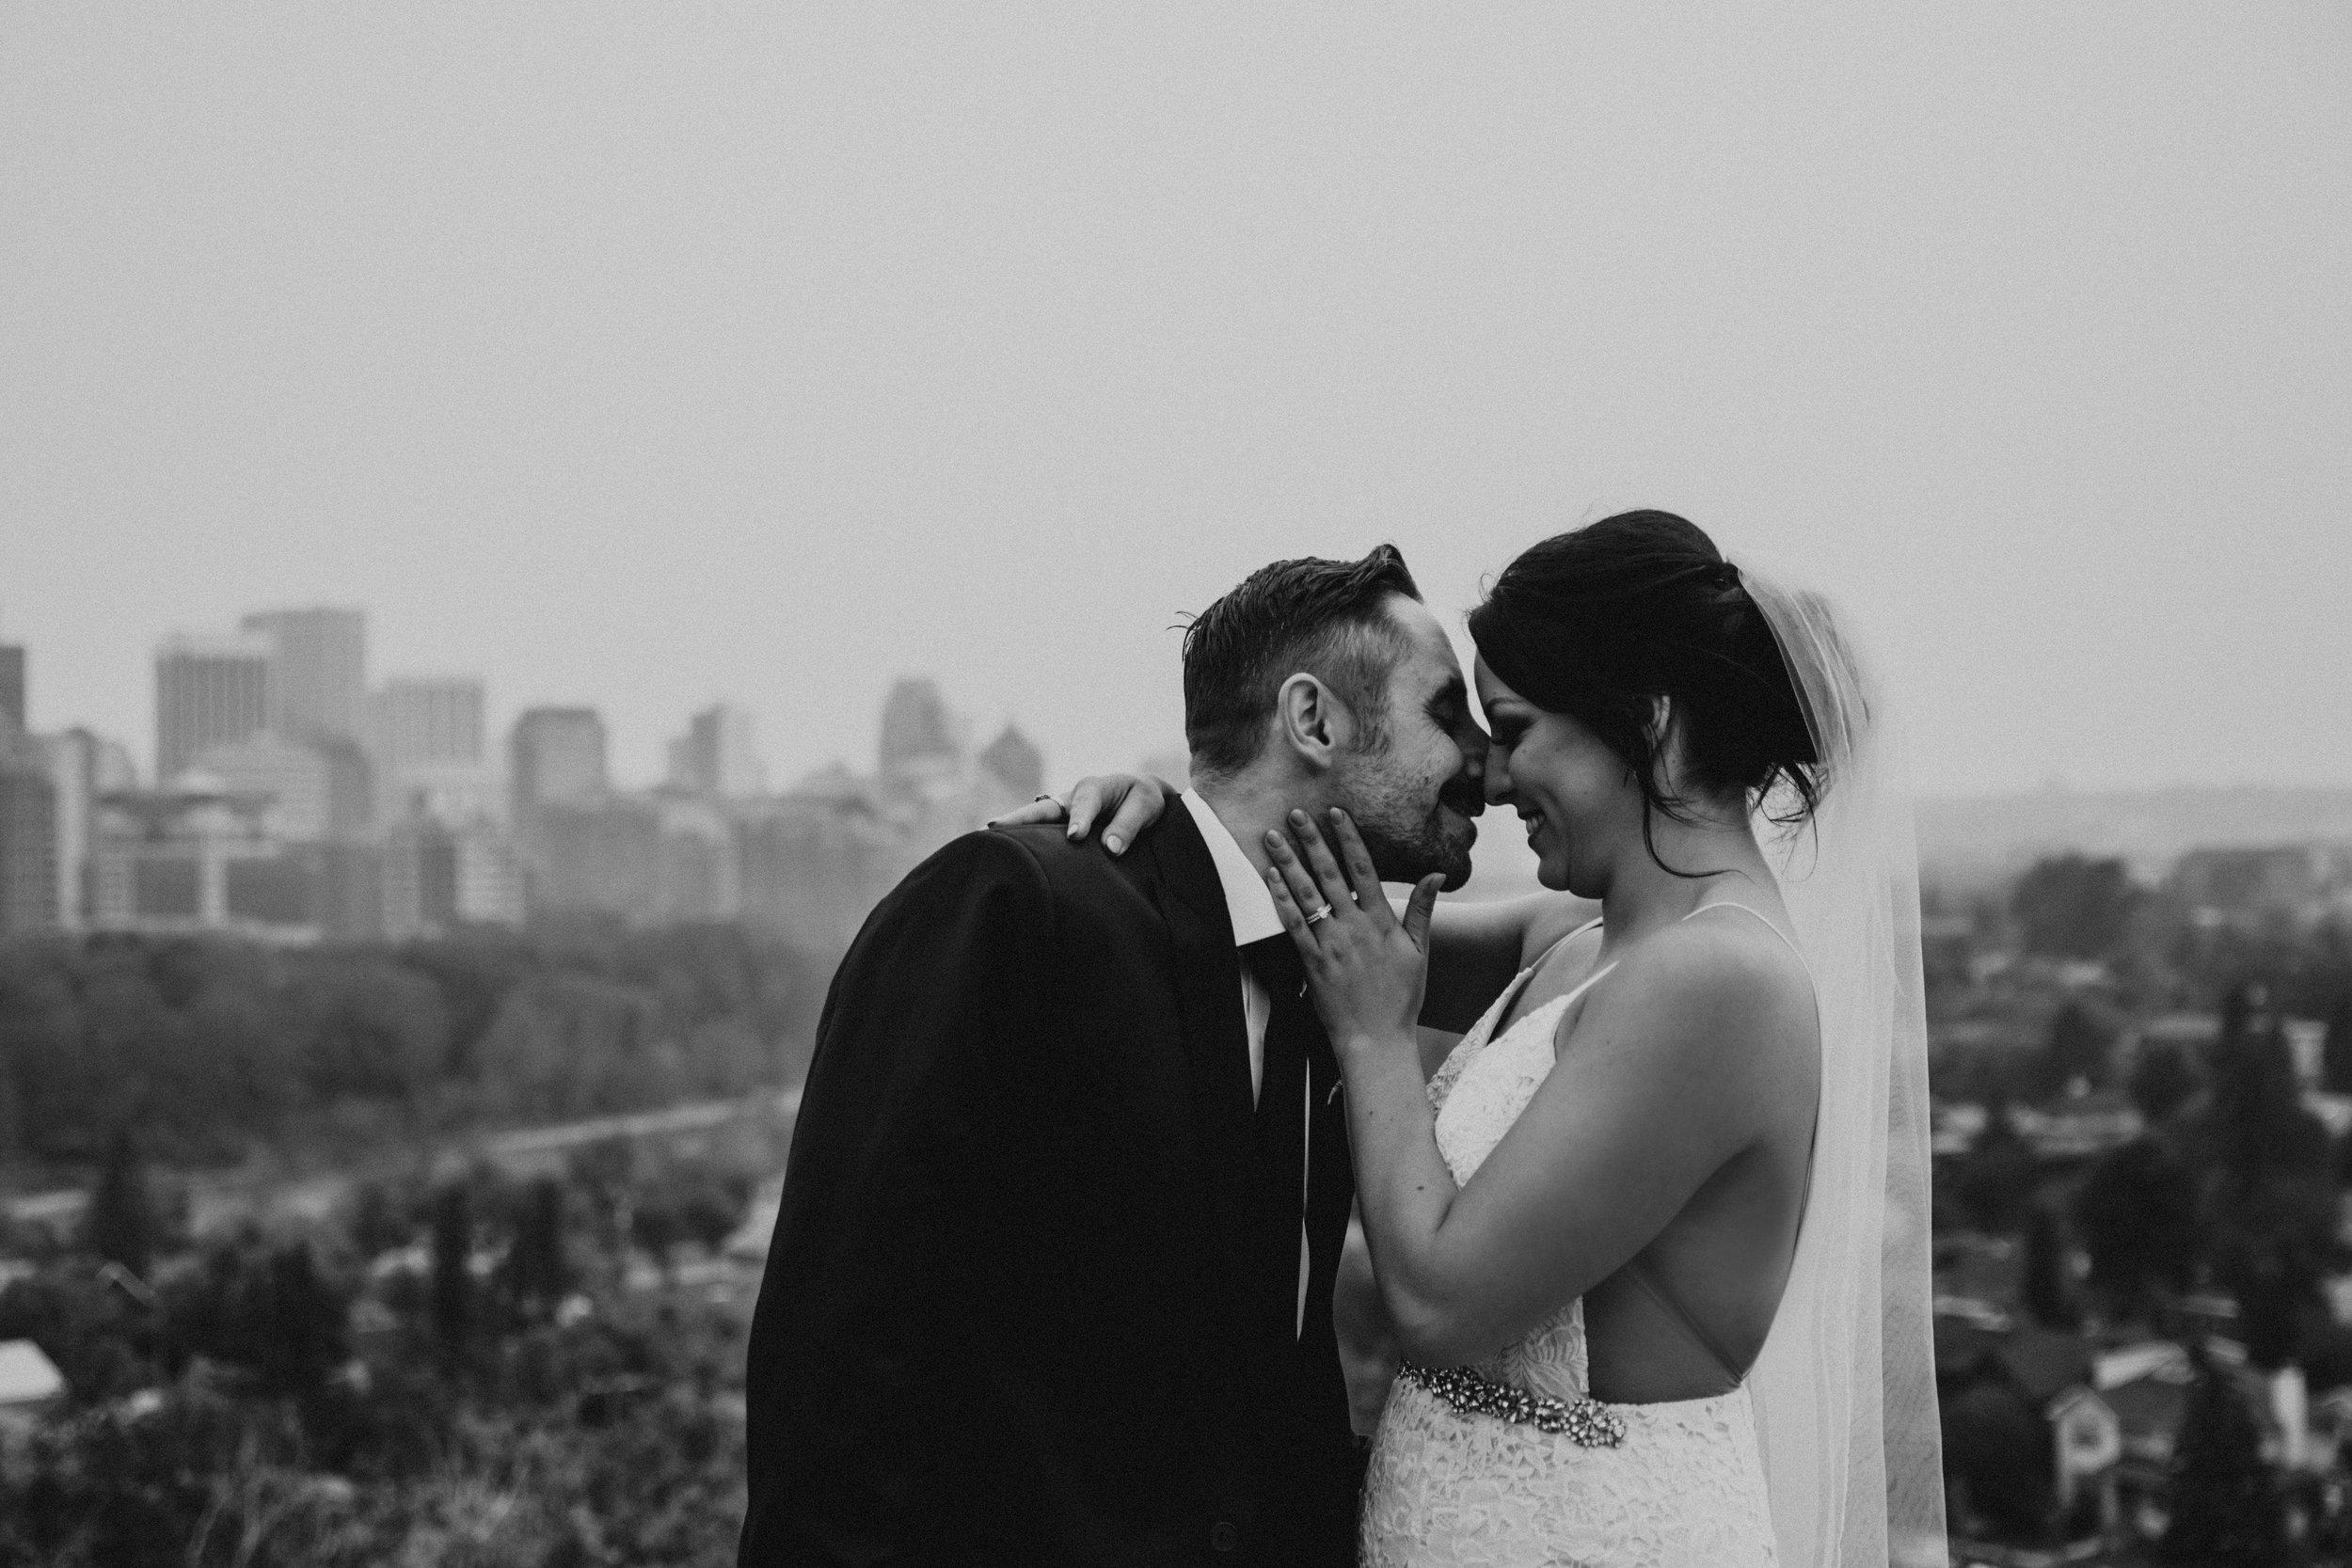 Calgary Wedding Photographer - 72 of 84.jpg